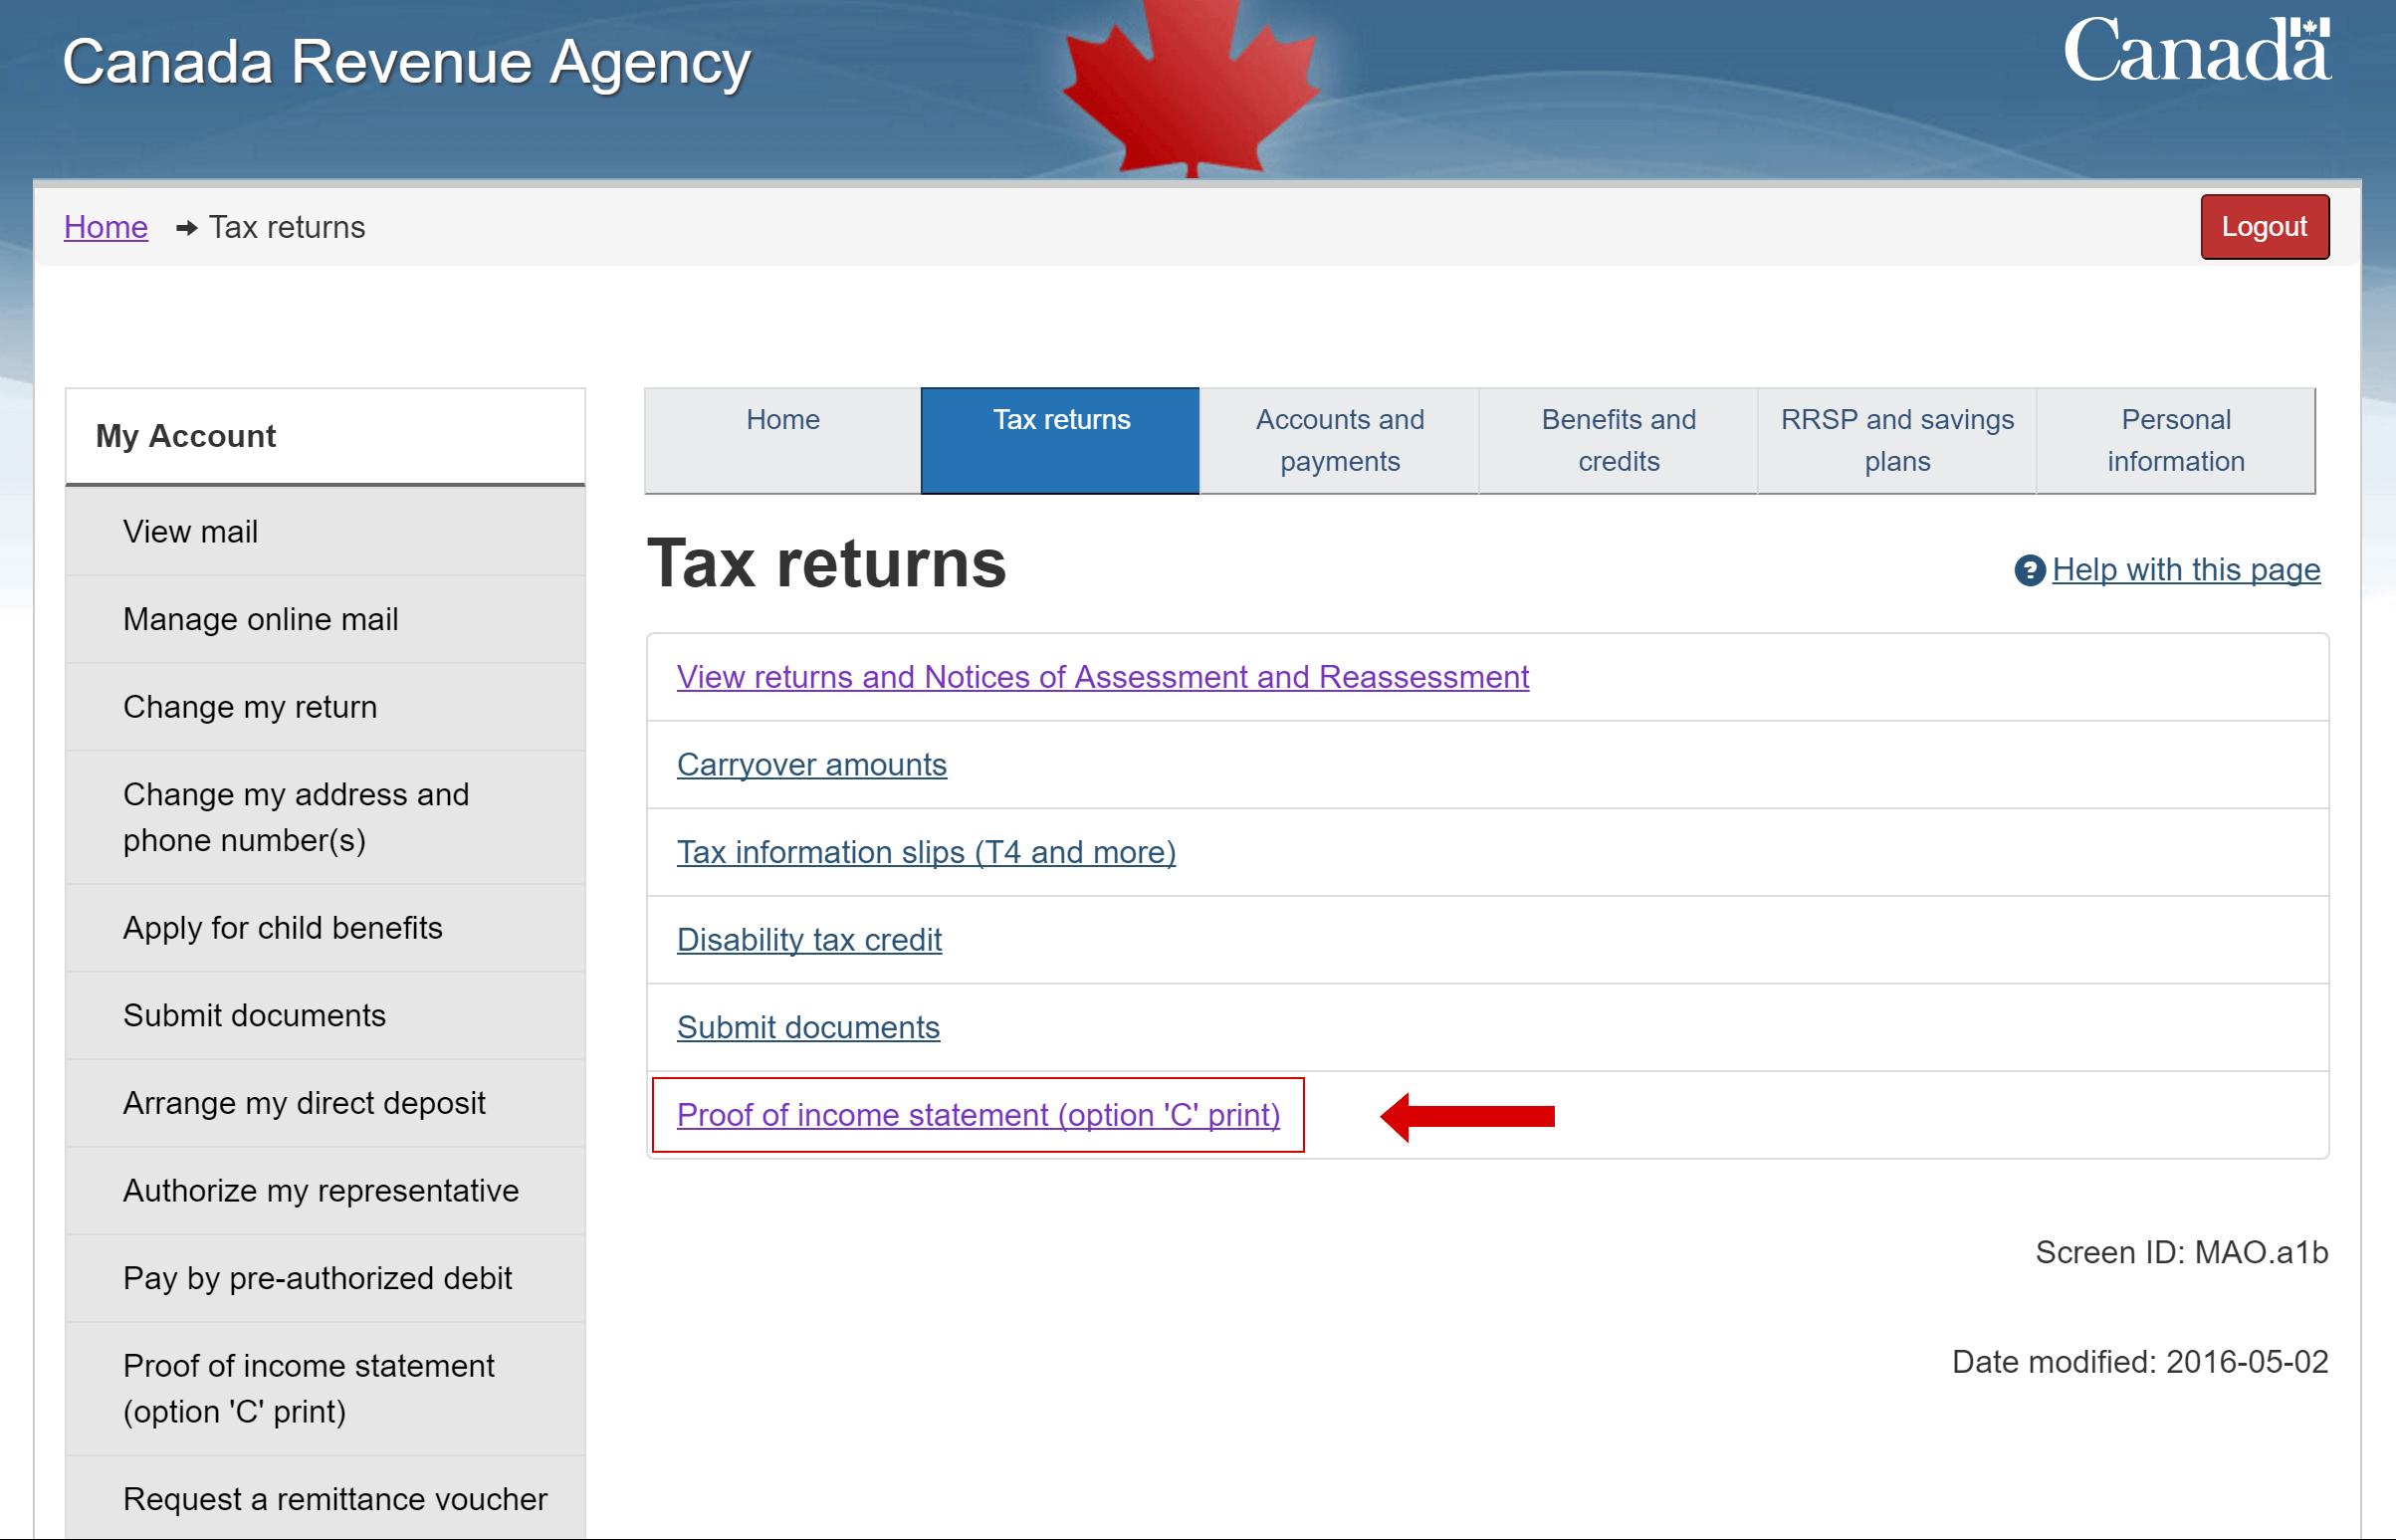 cra 2016 income tax guide